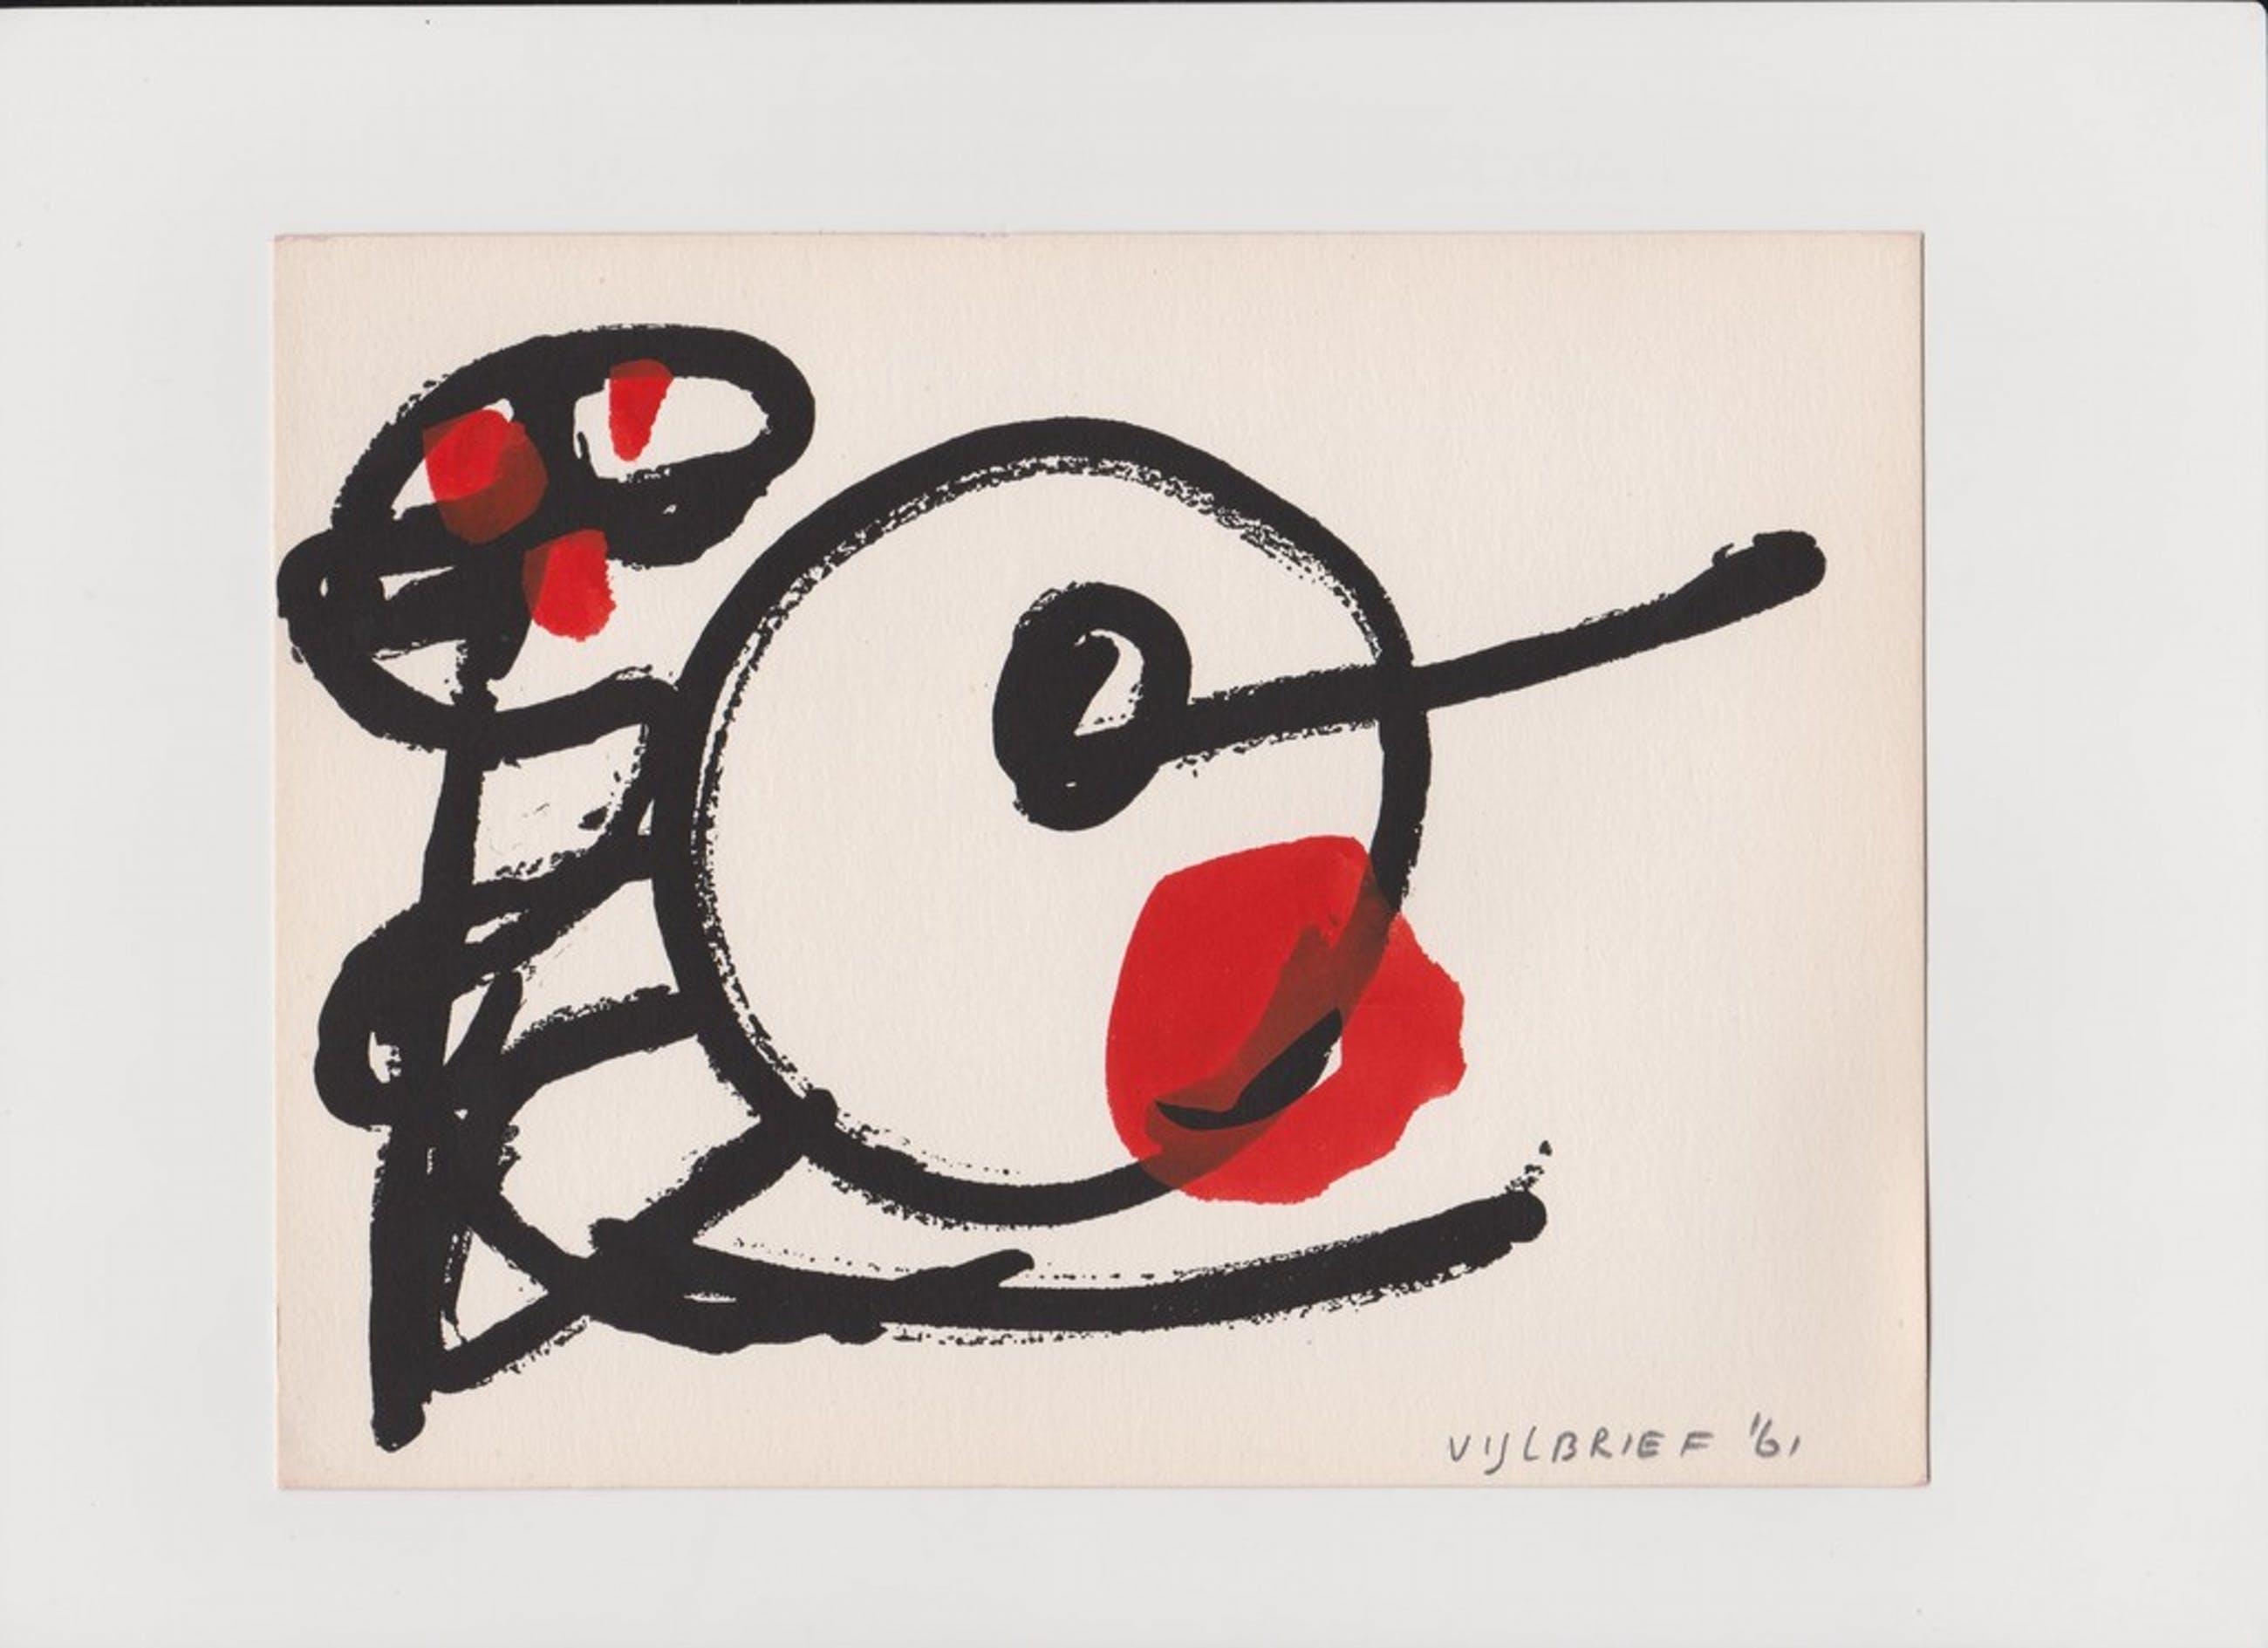 Ernst Vijlbrief 1961, tekening in Cobra stijl kopen? Bied vanaf 25!